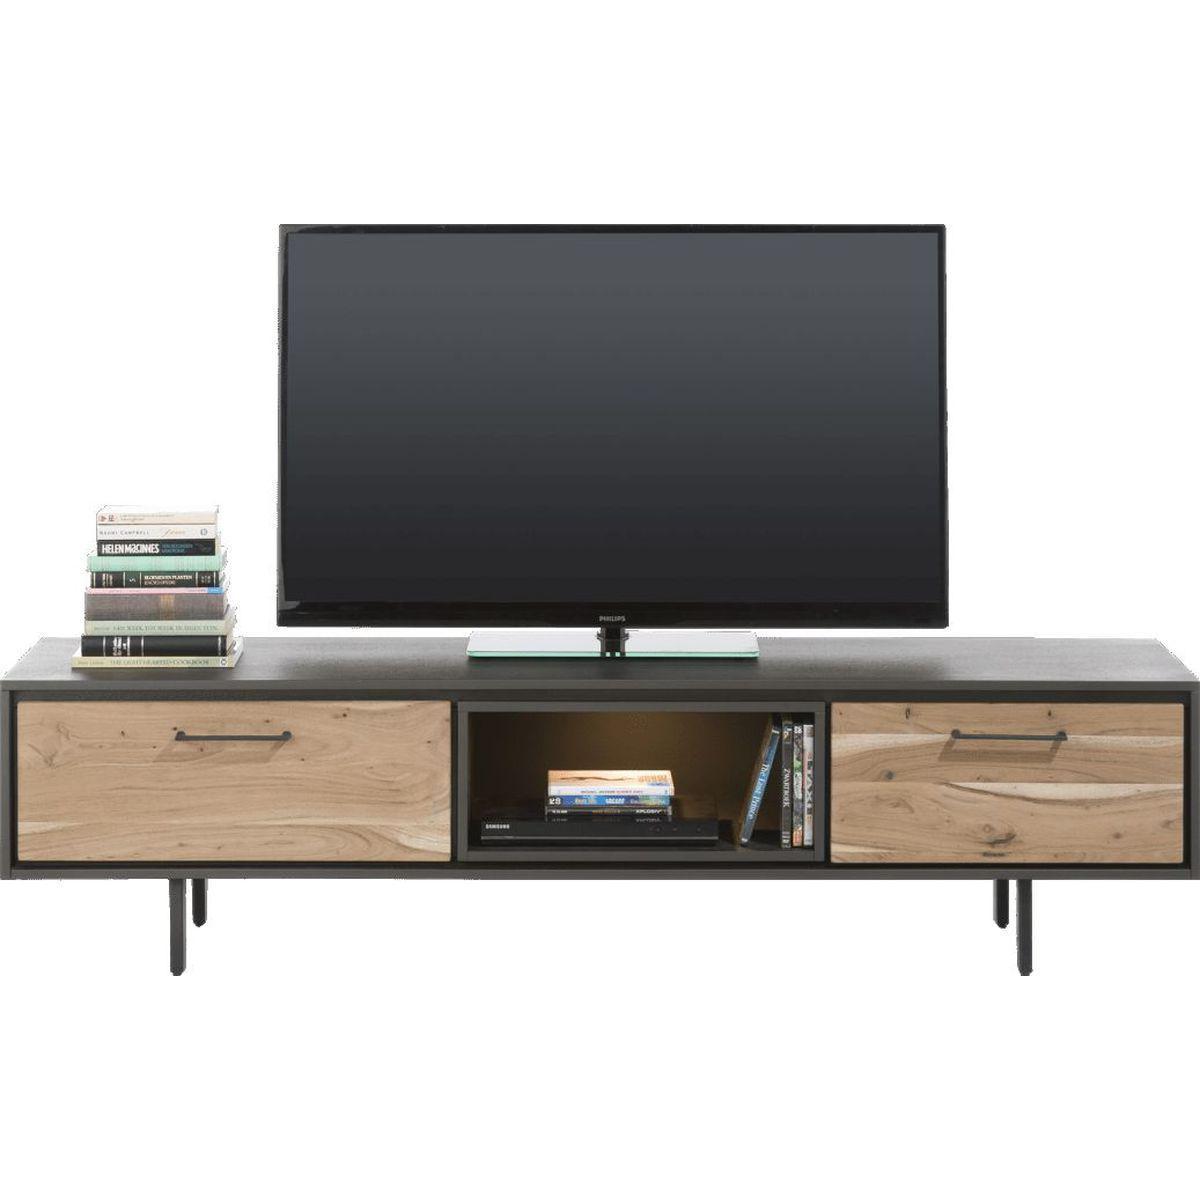 Meuble TV CENON Xooon 180cm LED